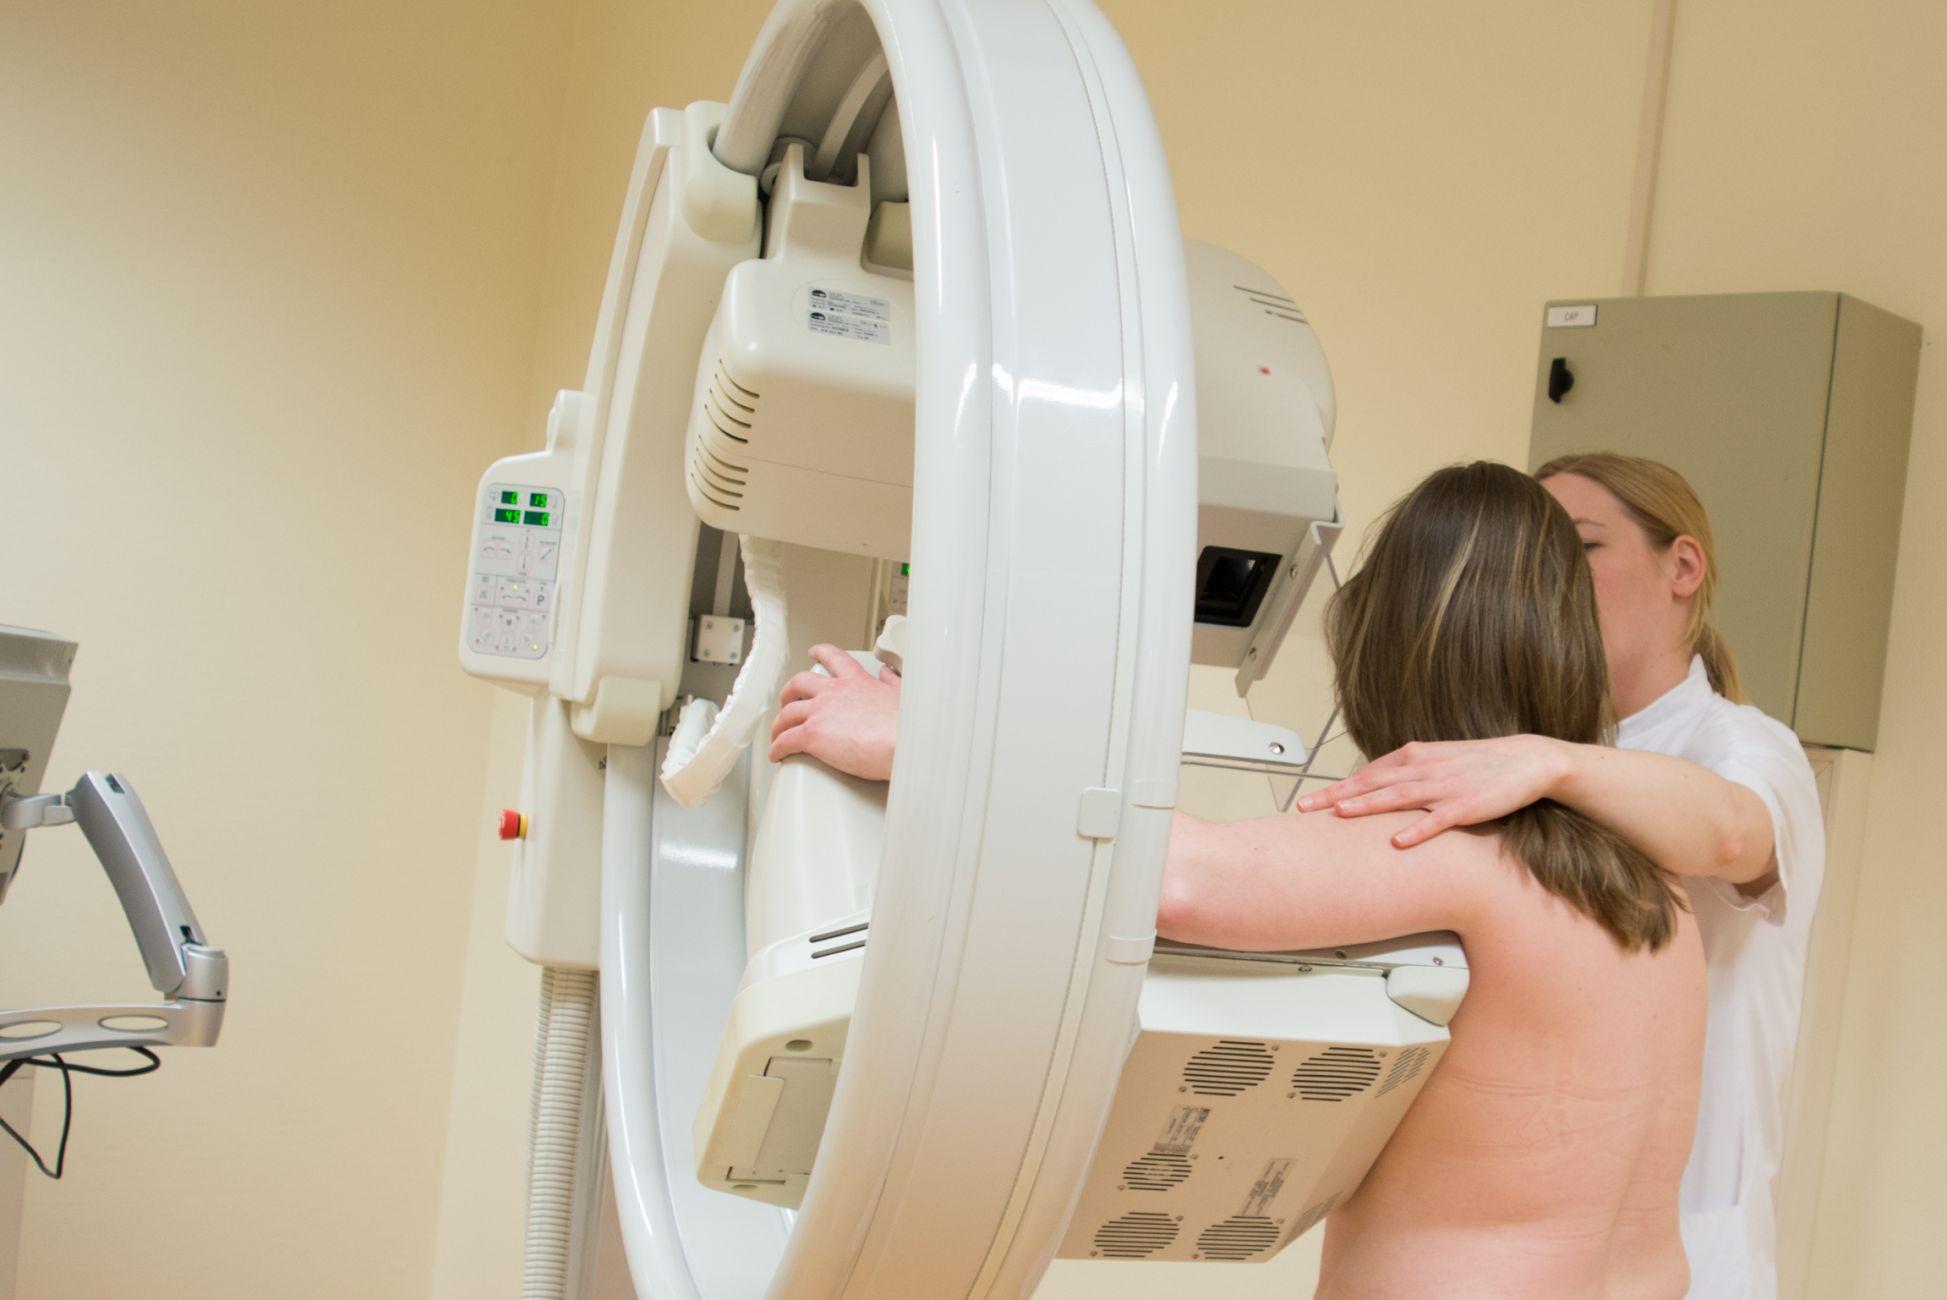 Snelle diagnostiek bij kanker: hoe gaat dat bij Gelre ziekenhuizen?